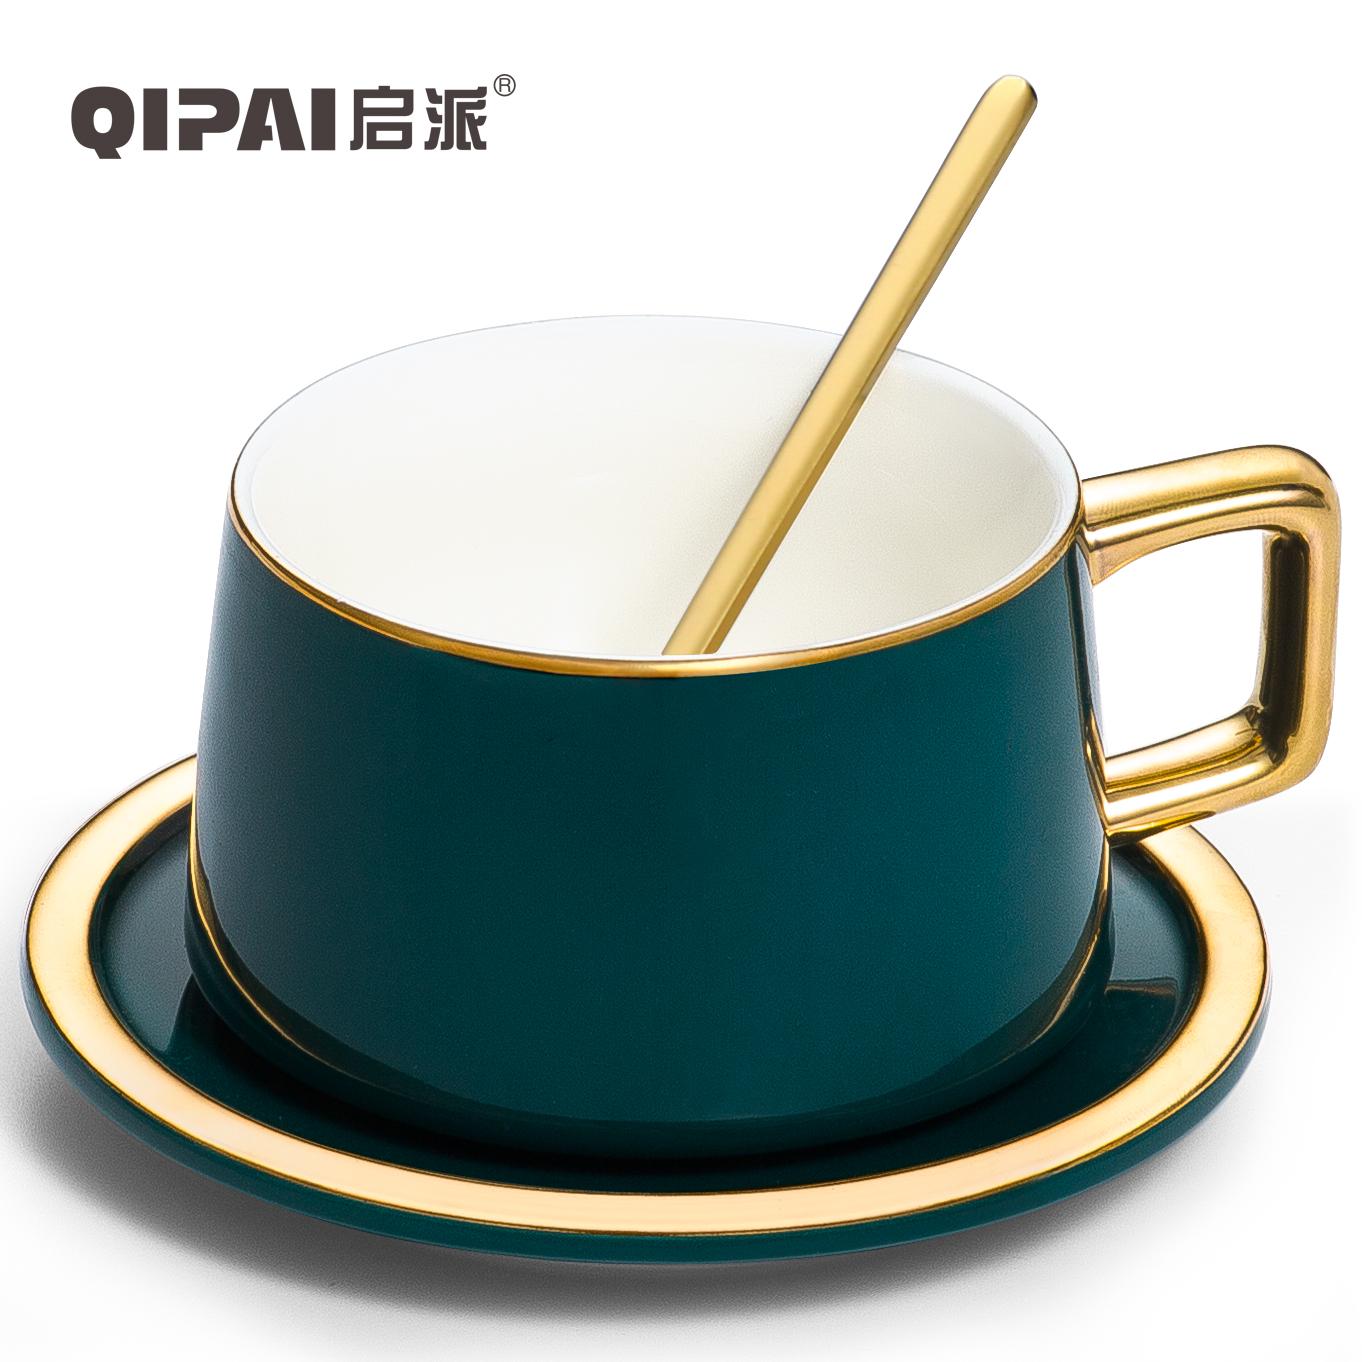 限7000张券启派创意个性潮流男女情侣陶瓷杯子